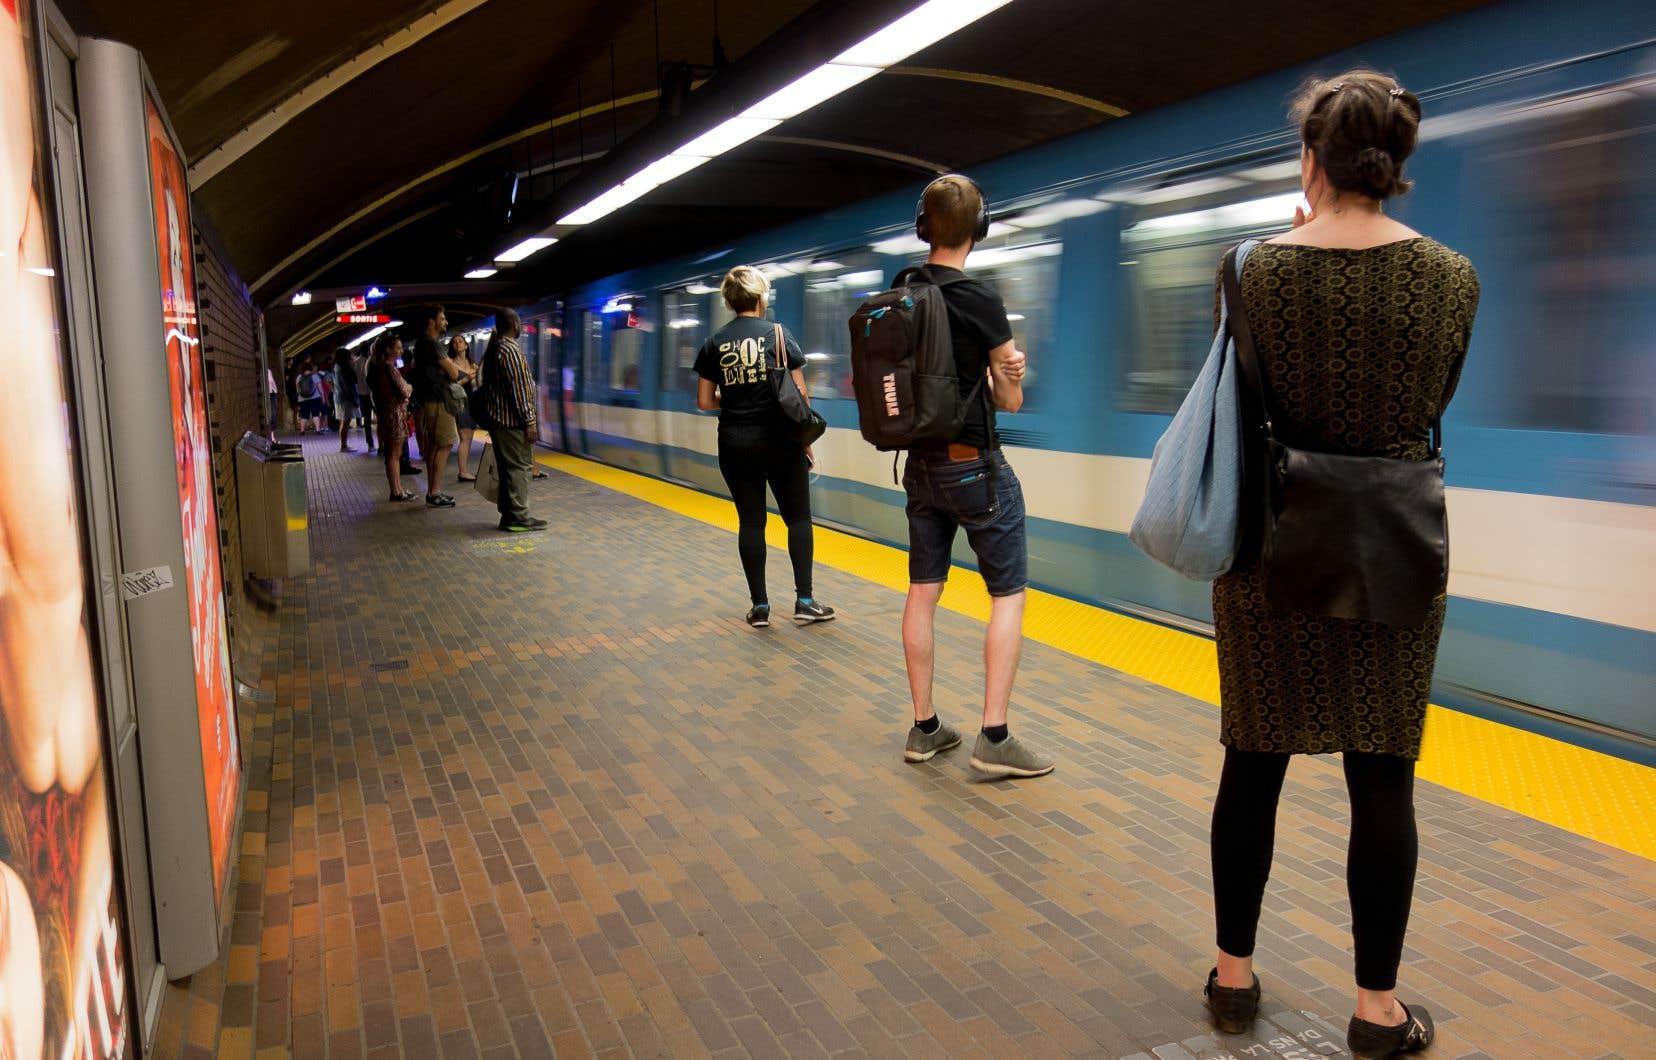 Parmi la liste des priorités fournie par l'ARTM on retrouve notamment le prolongement des lignes de métro jaune et orange, ainsi que la création de la ligne rose proposée par Projet Montréal.